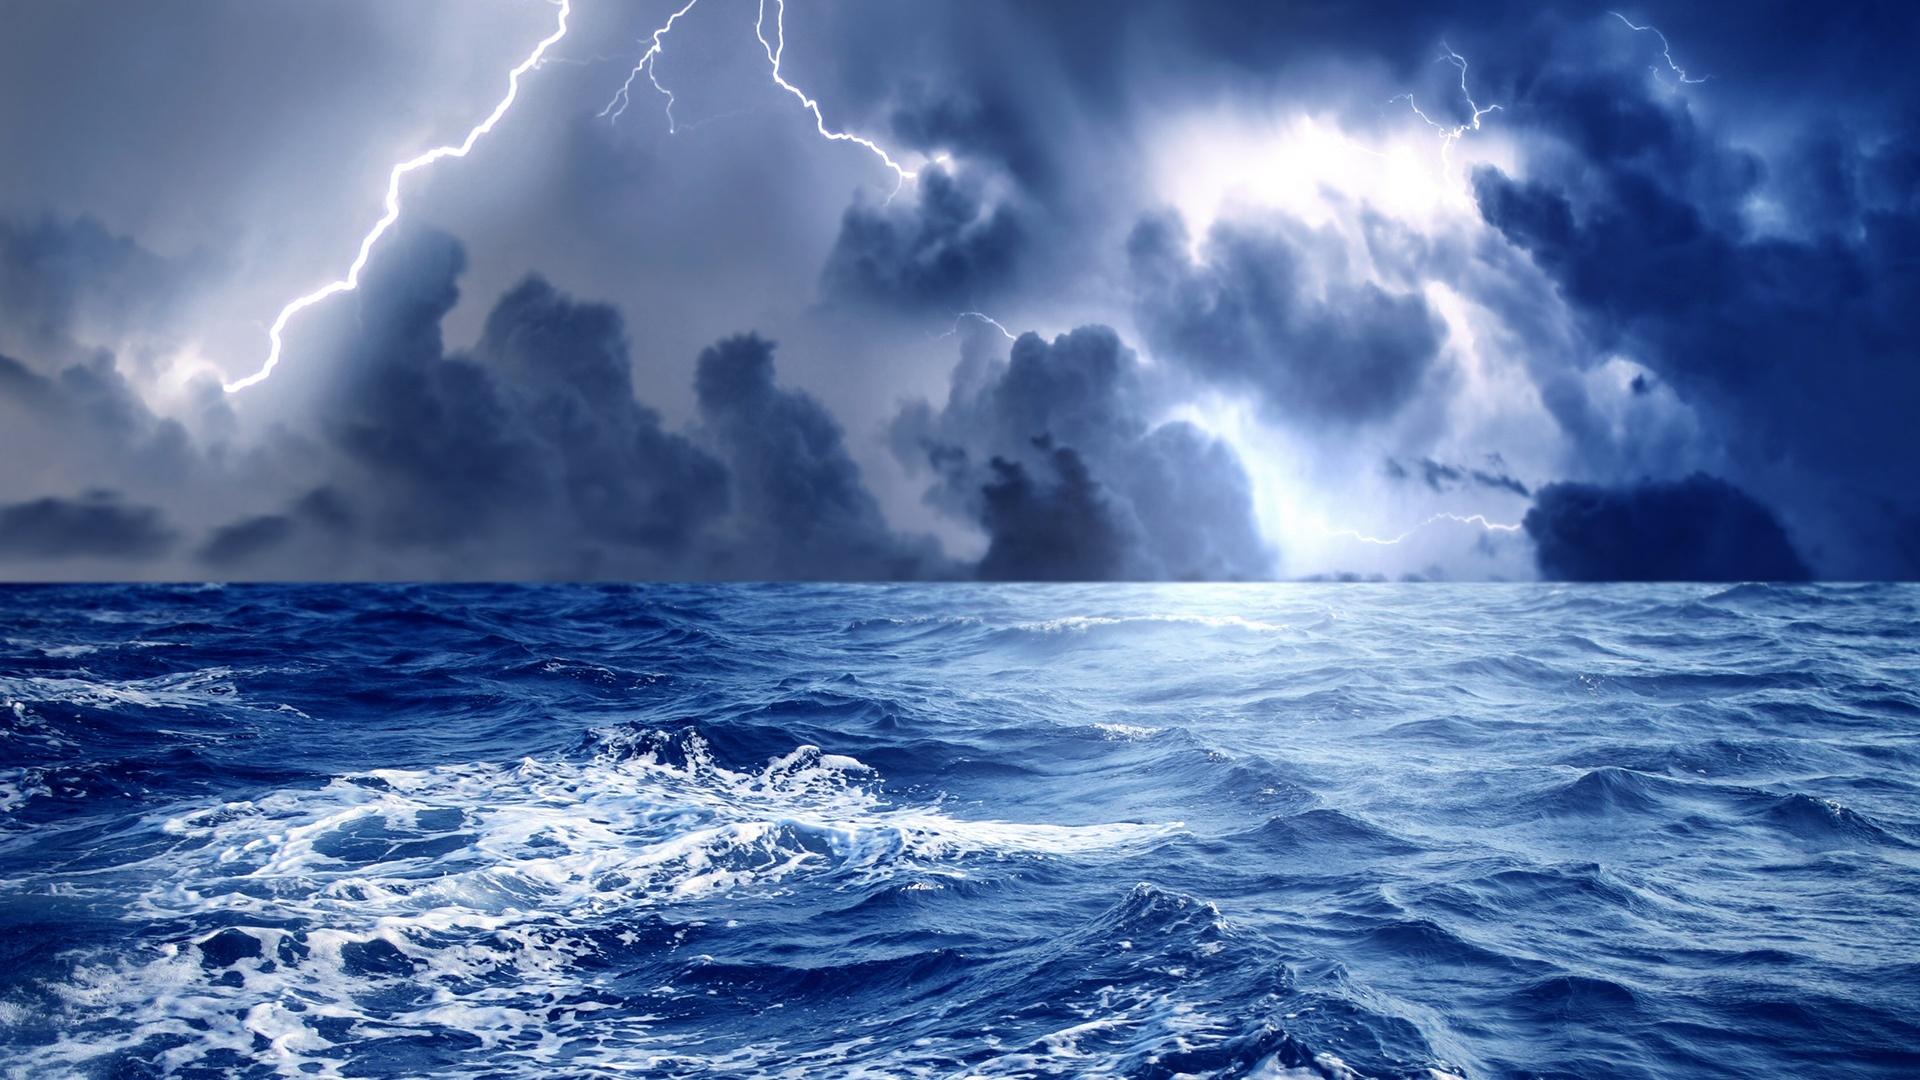 67 Stormy Ocean Wallpaper On Wallpapersafari